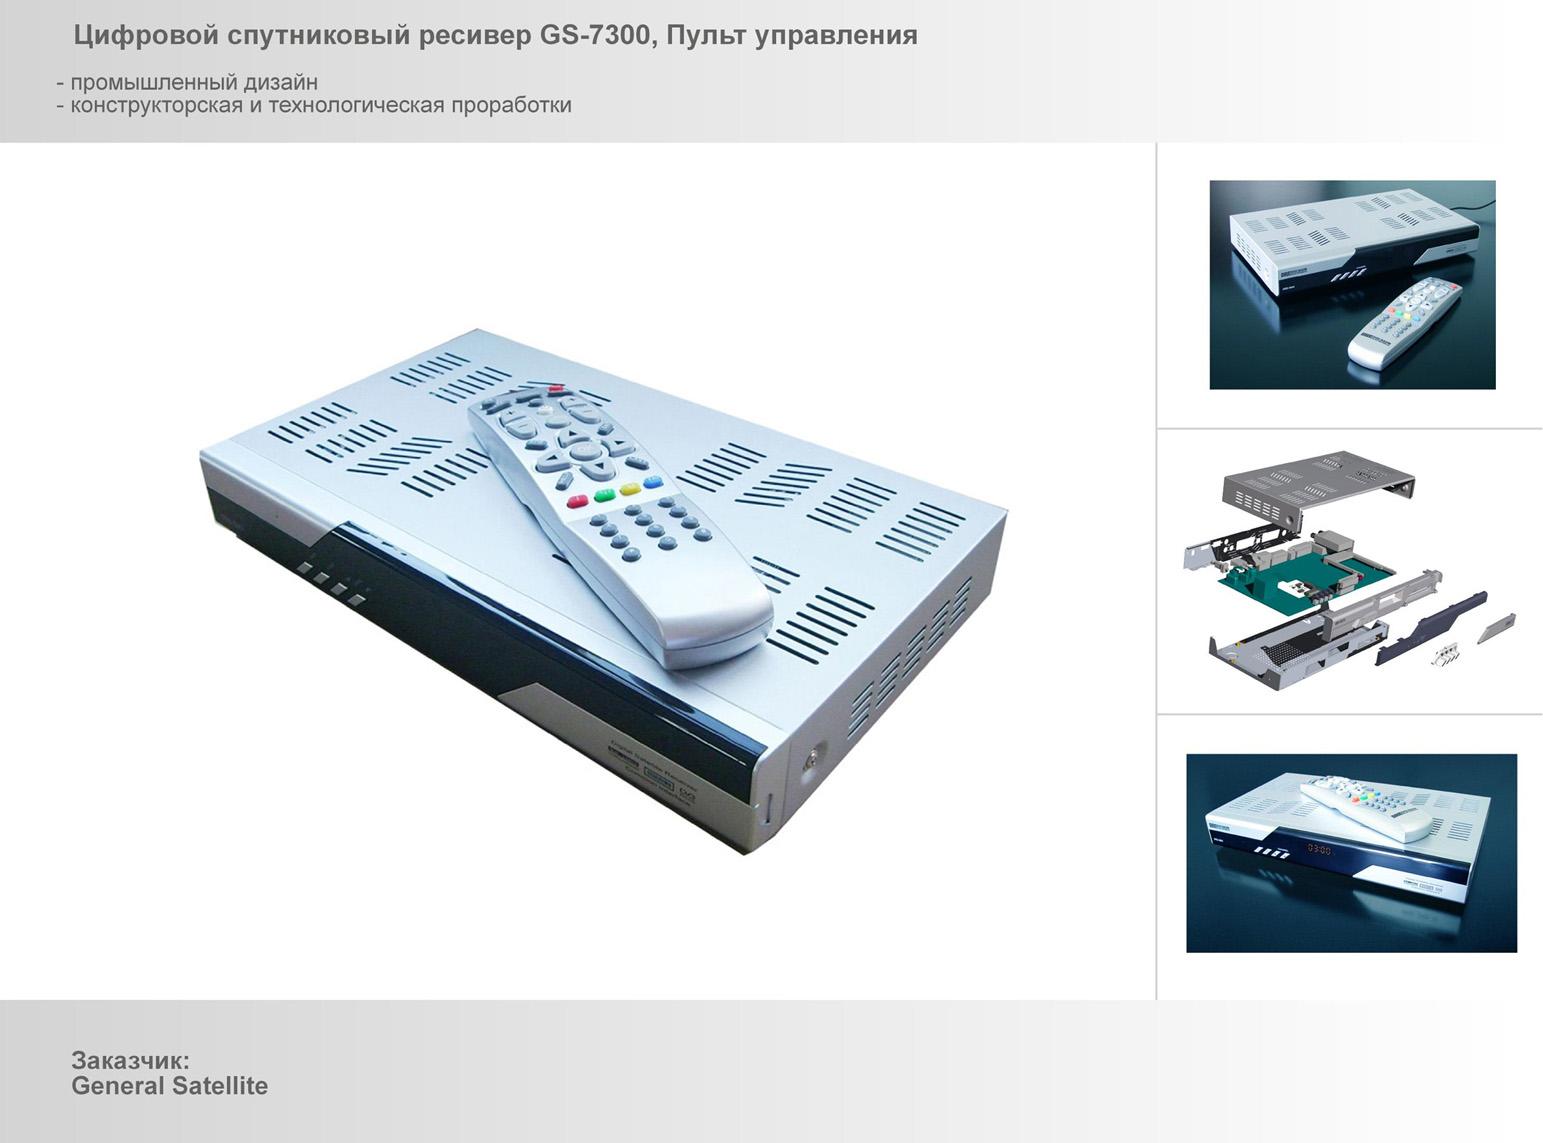 Цифровой спутниковый ресивер GS-7300